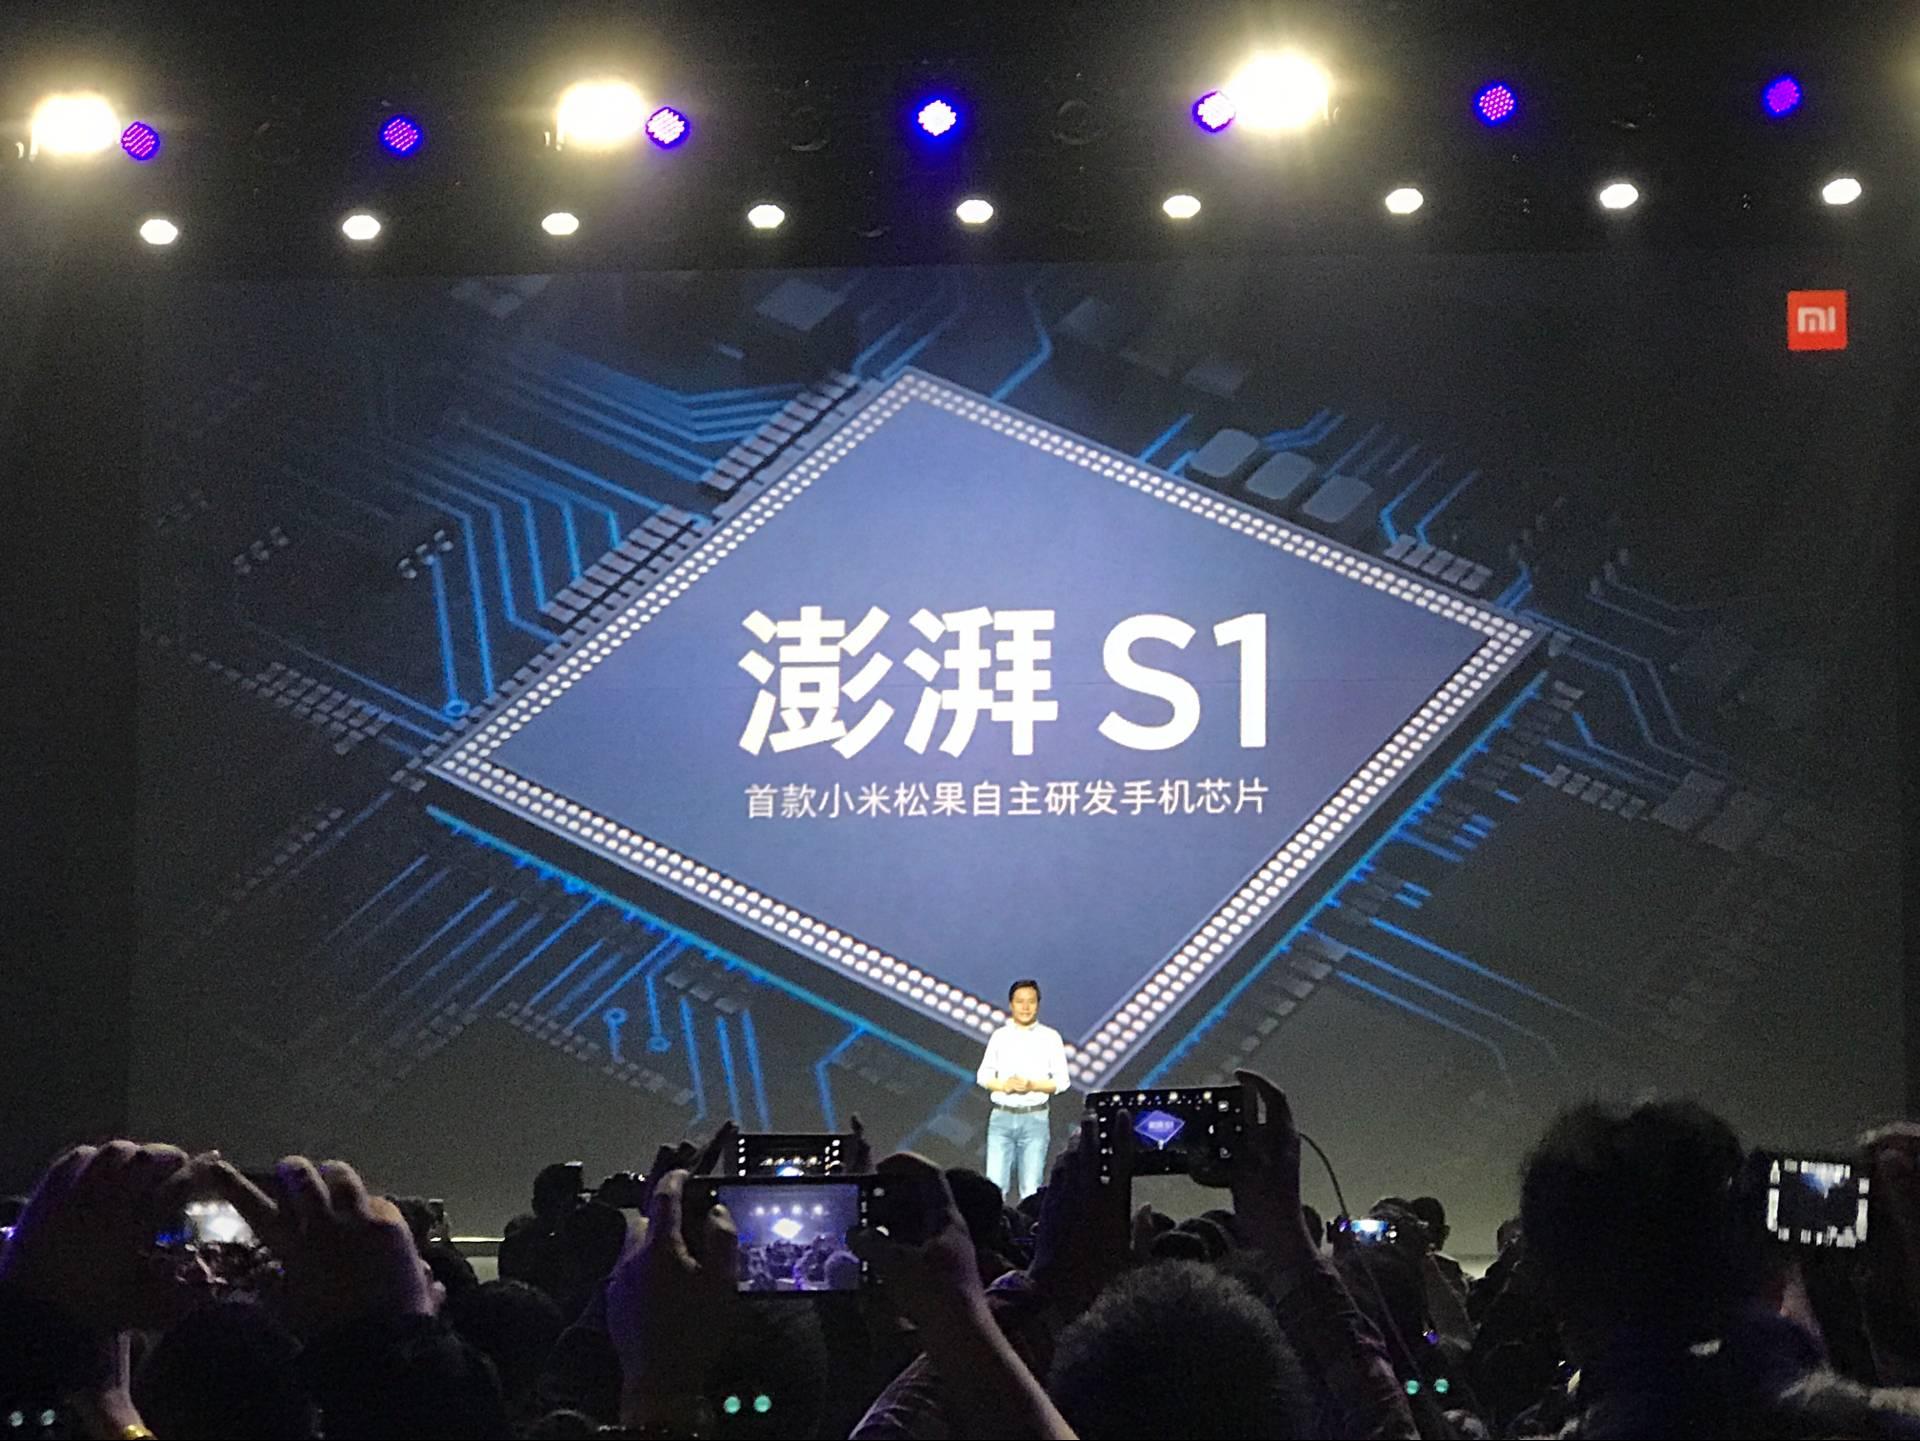 小米澎湃S1自研芯片发布:跑分与联发科Helio P20相当的照片 - 1